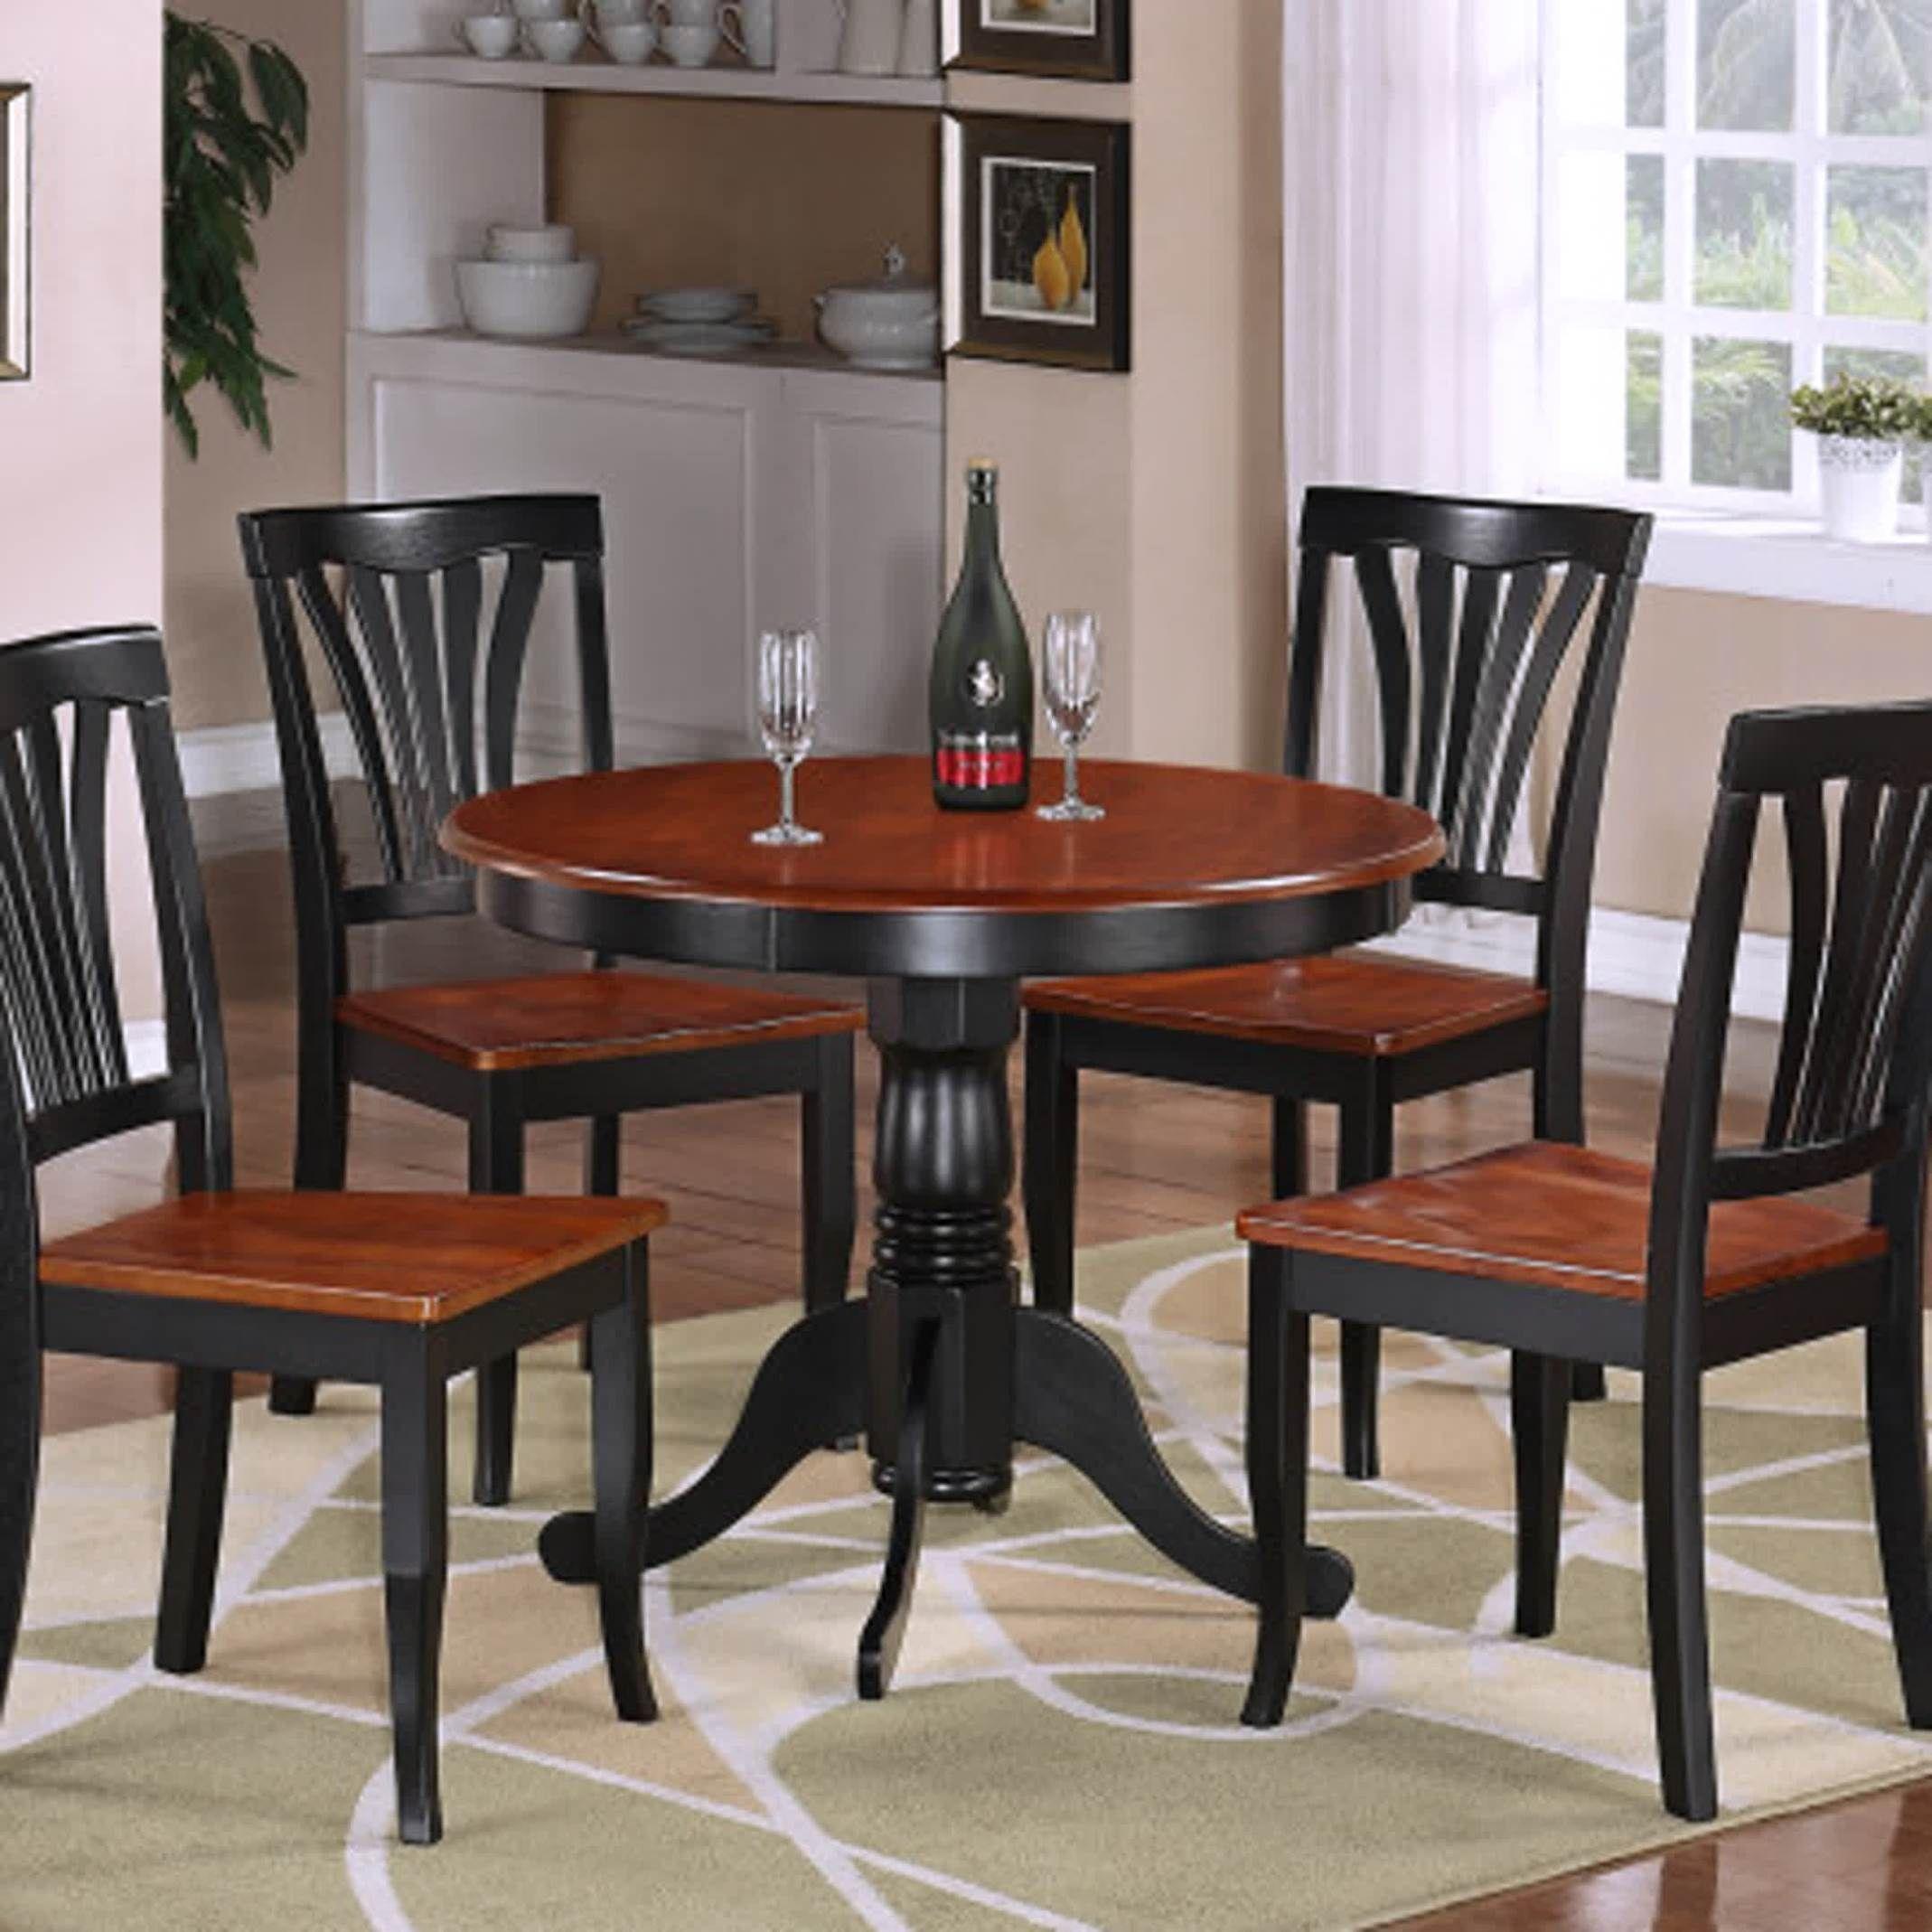 Kuchentisch Mit Stuhle Kuchentisch Und Stuhle Kuche Tisch Und